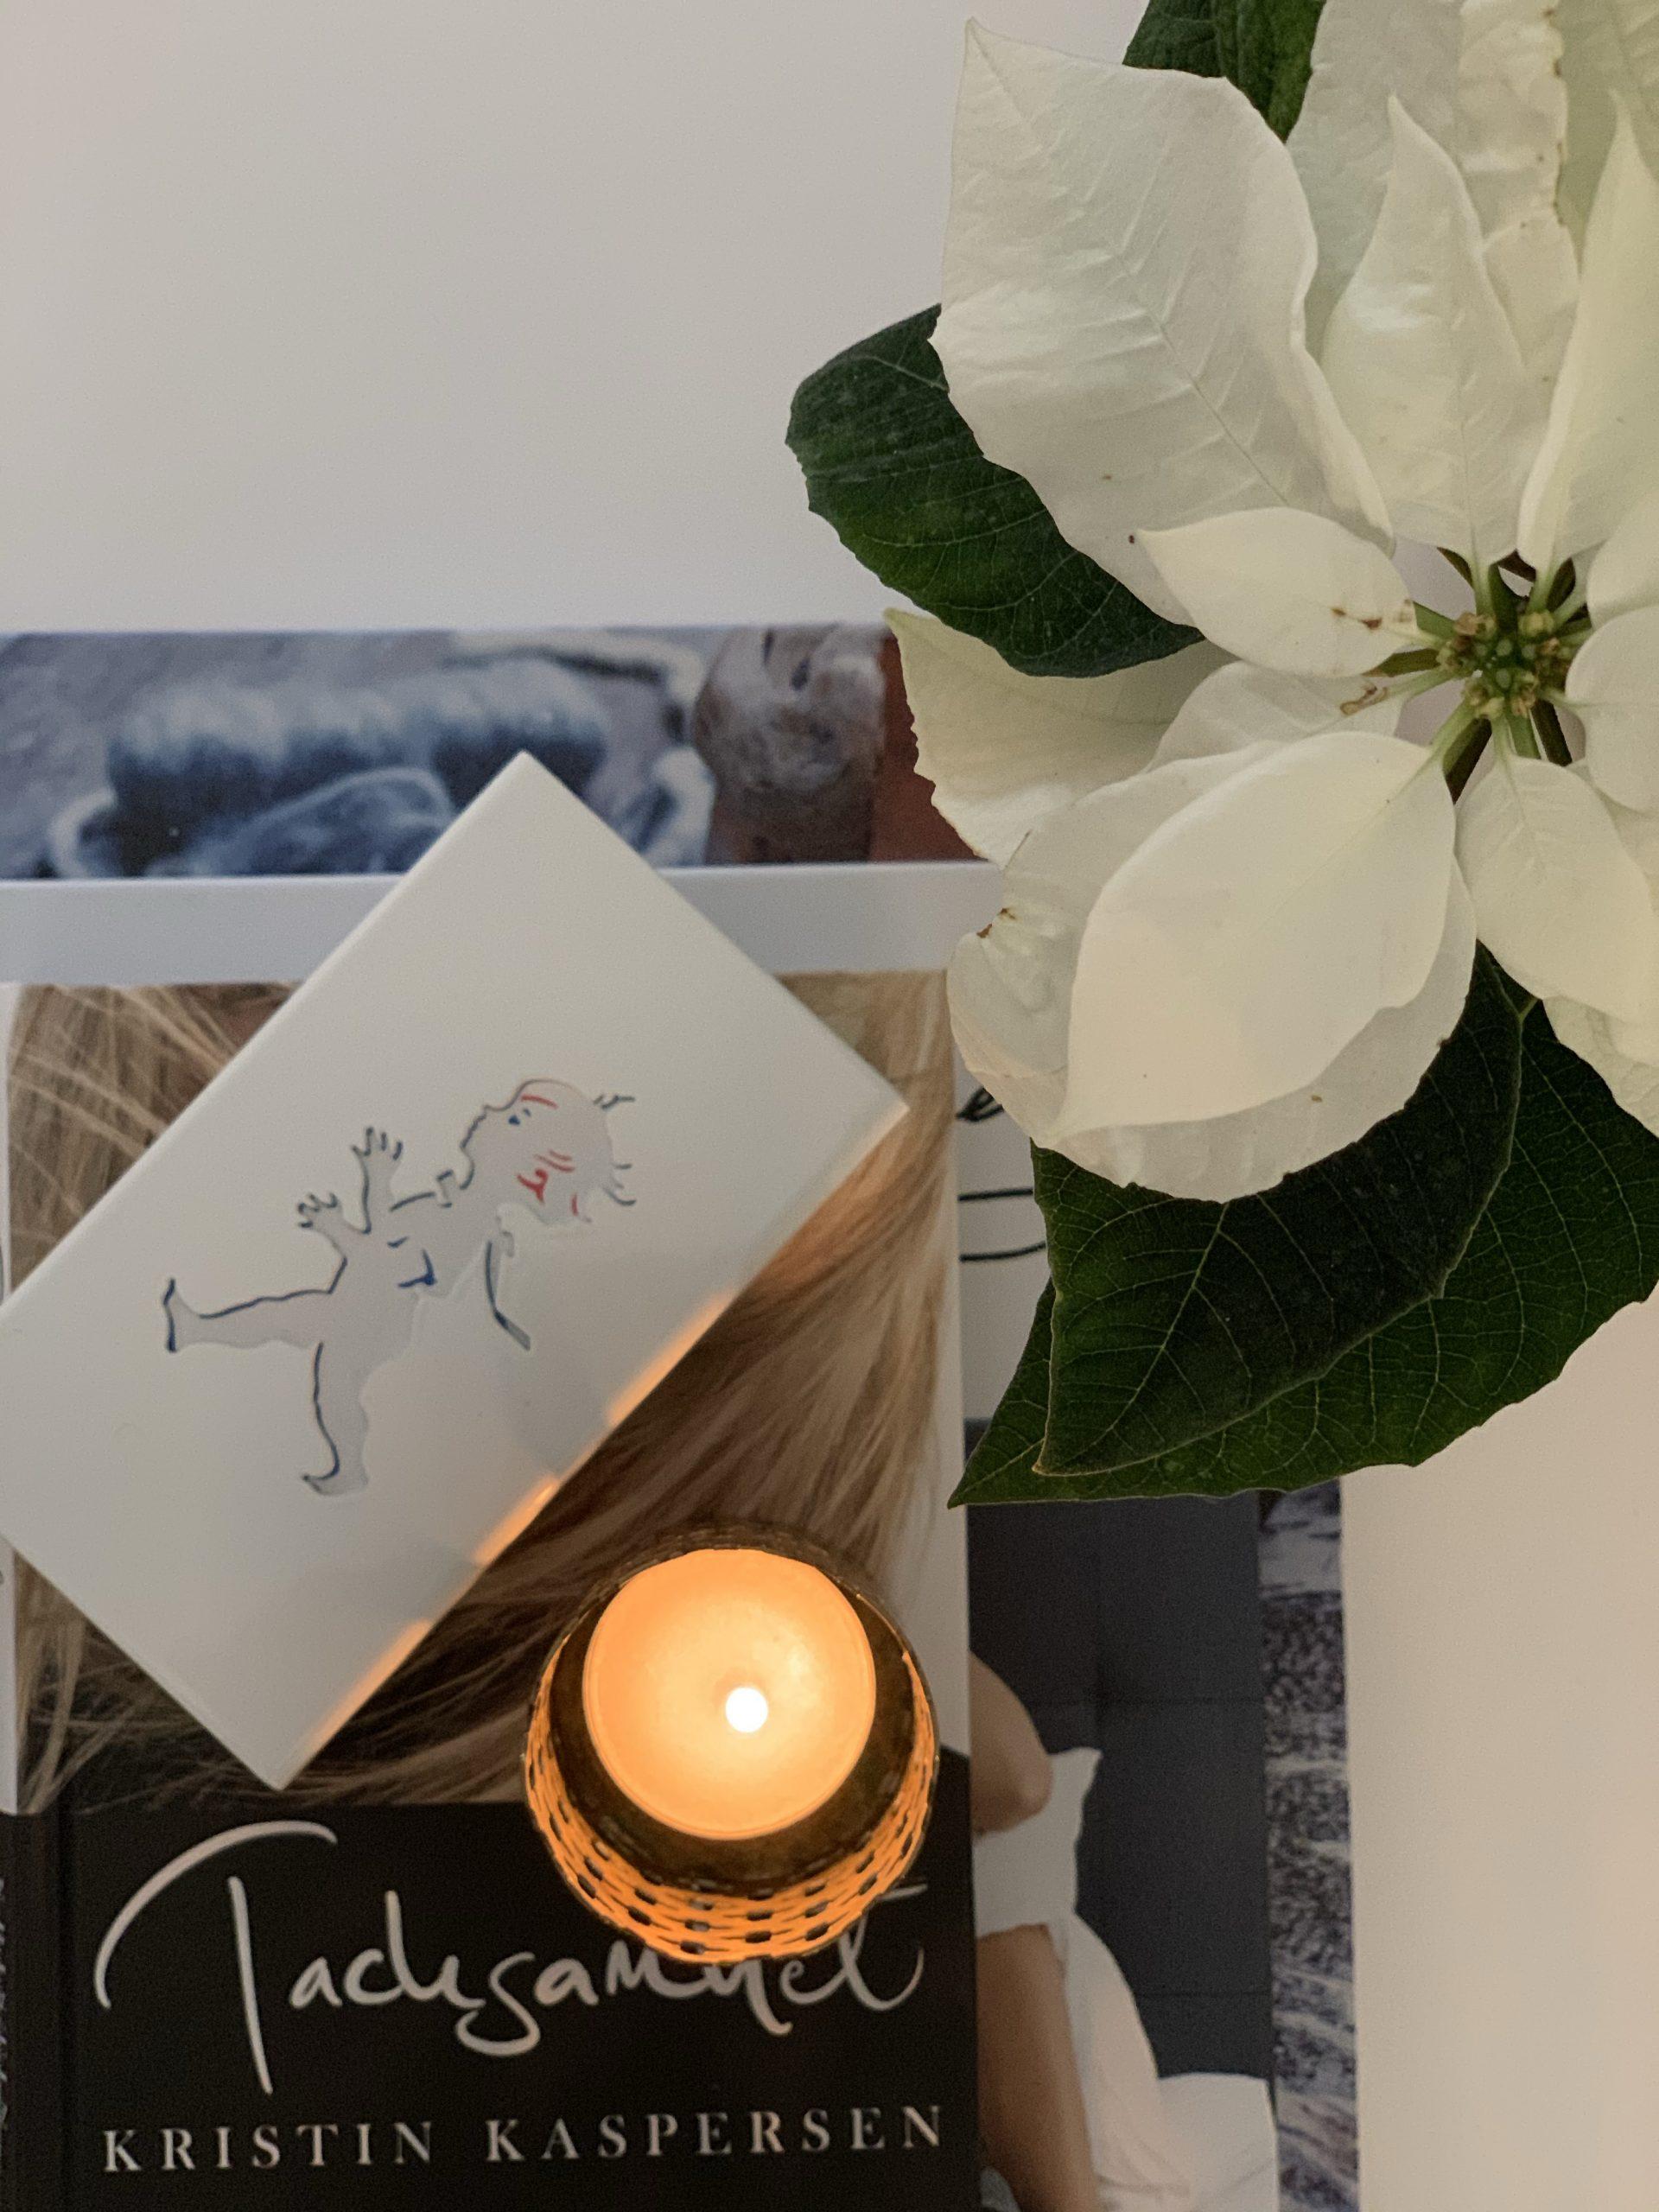 Bild på vit julstjärna, tändsticksask, klöverljusstake och böcker